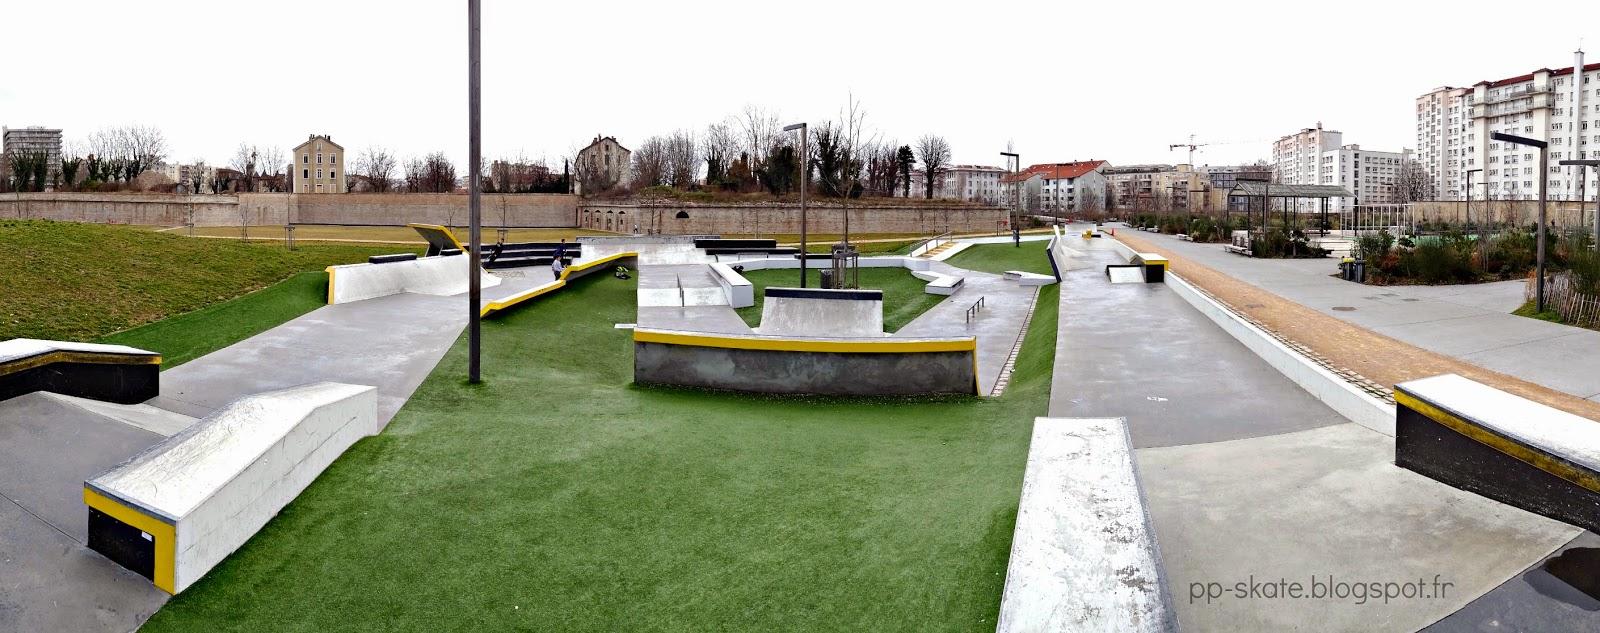 Nouveau skatepark Lyon